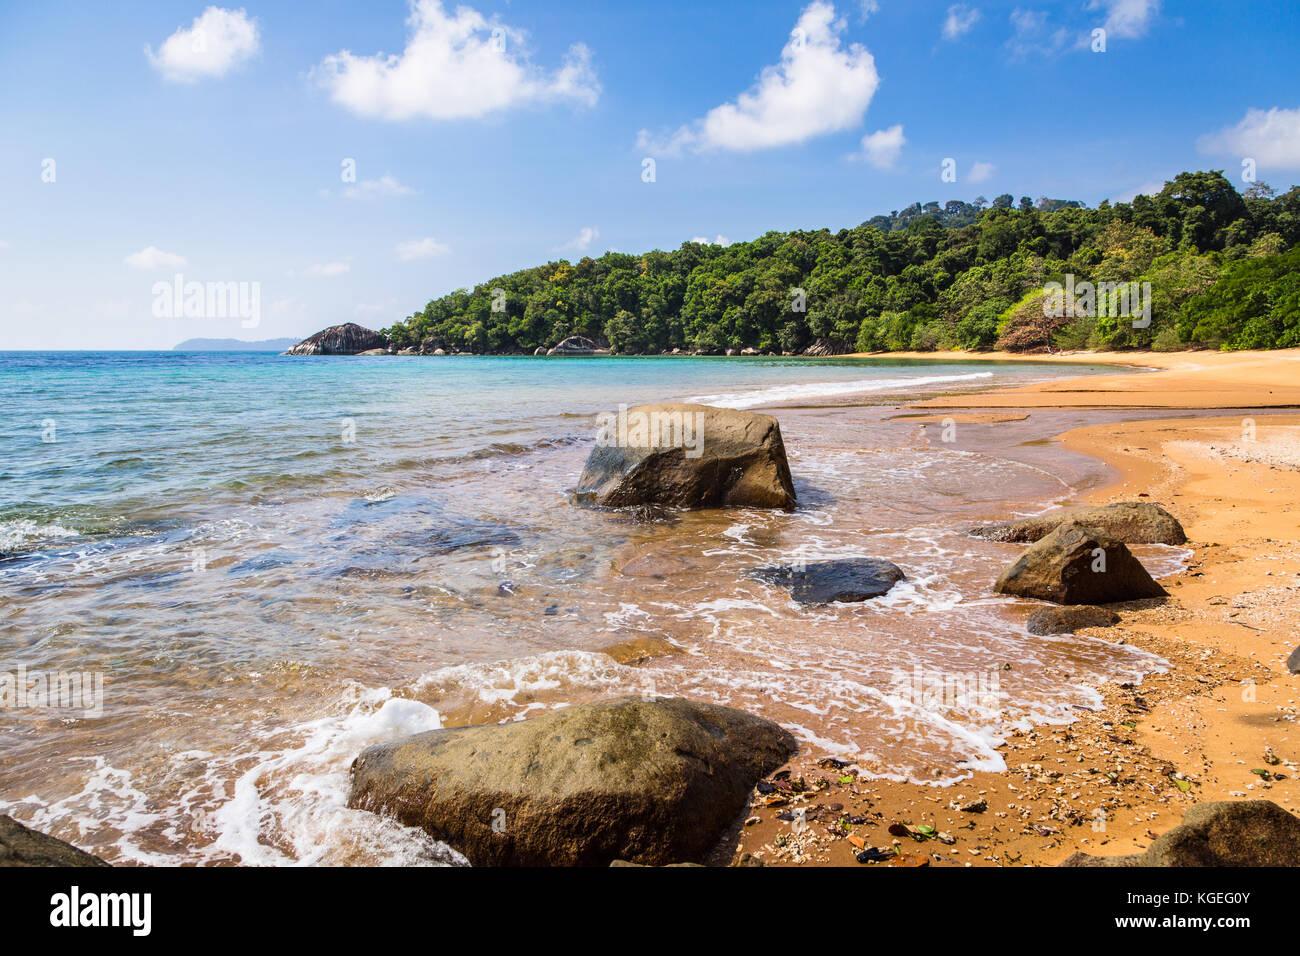 Cadre idyllique plage vide dans l'île de tioman en mer de Chine du sud en Malaisie lors d'une journée Photo Stock